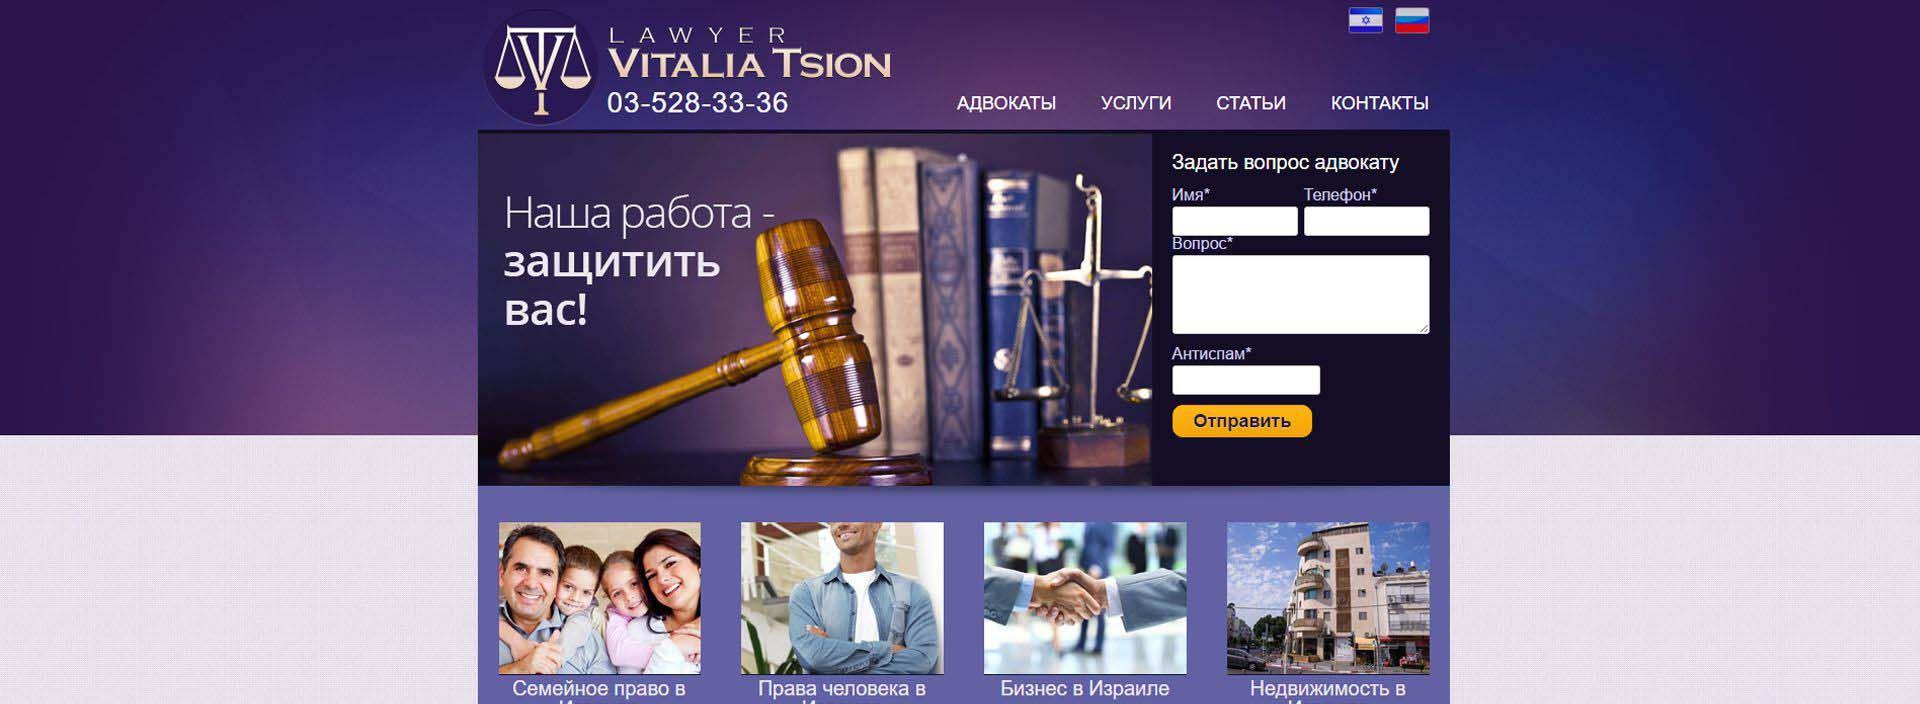 vita-tsion.co.il